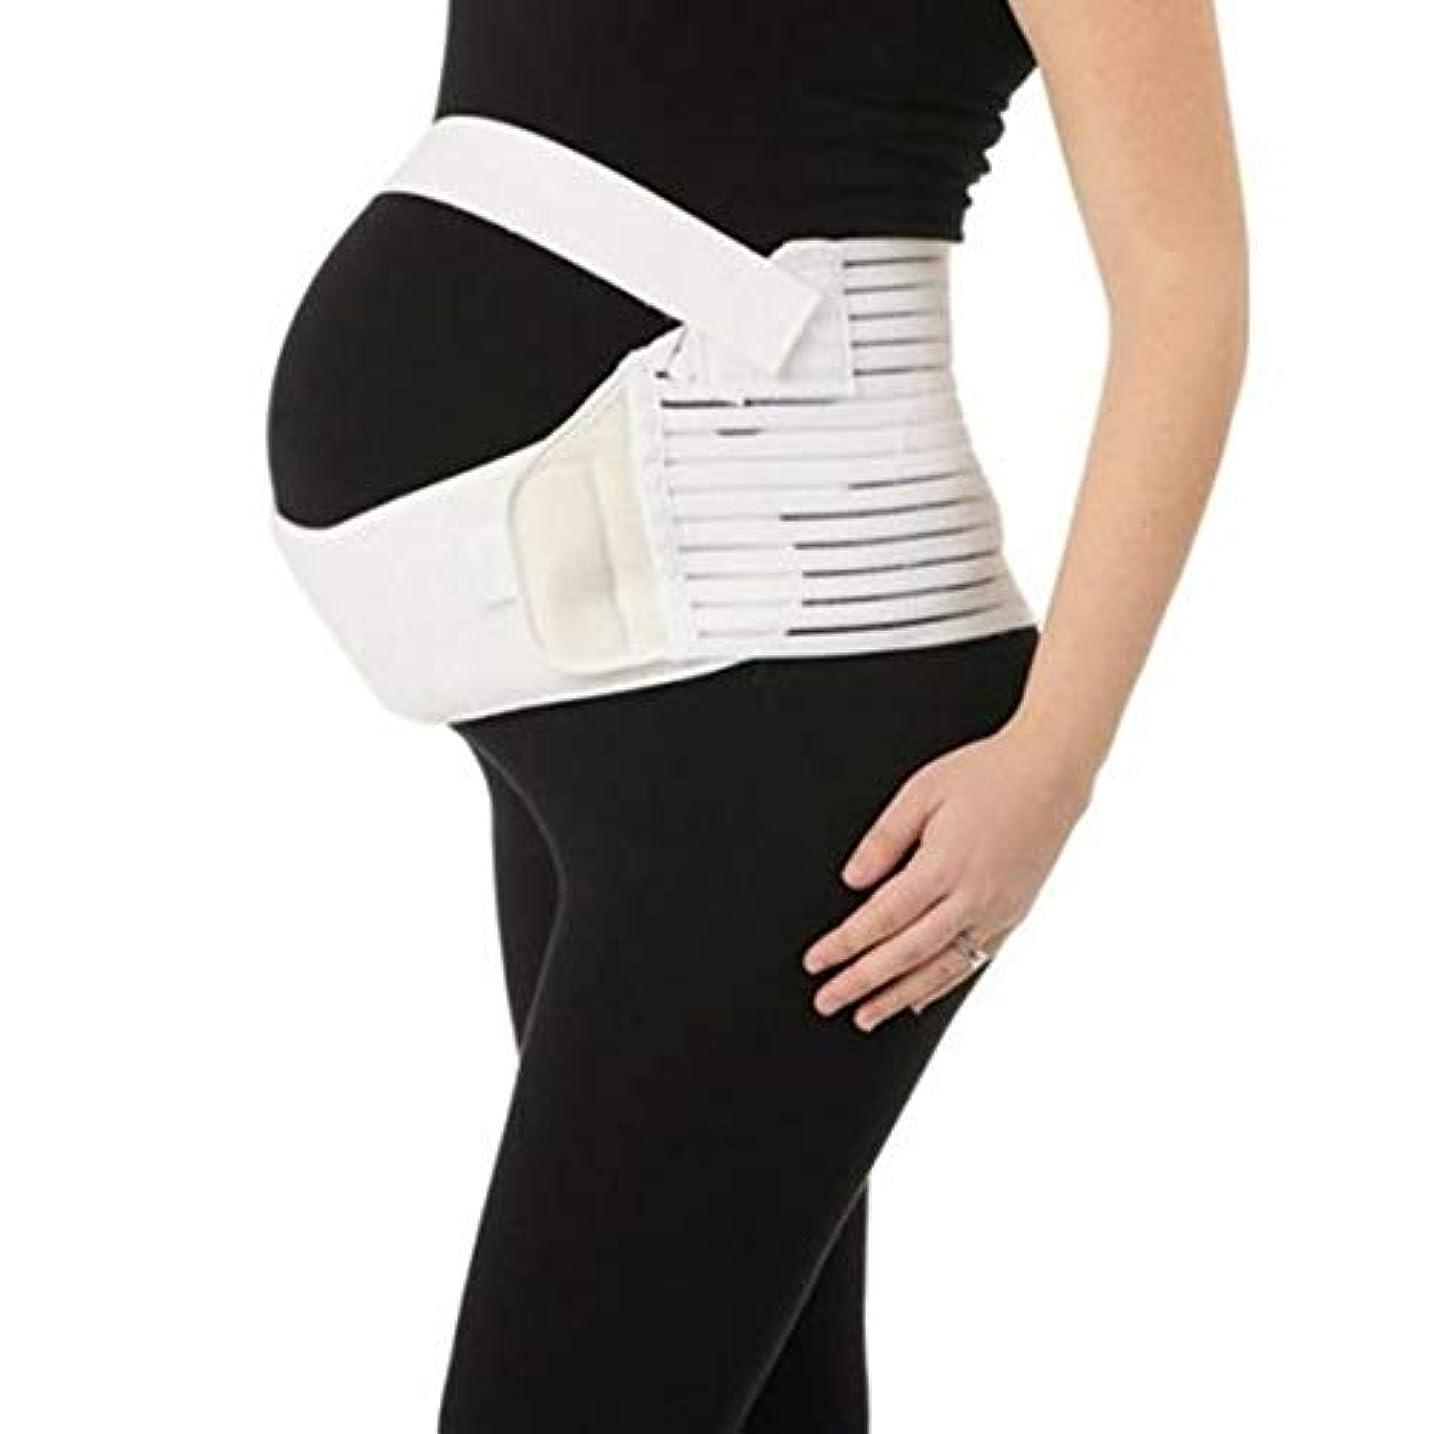 アフリカ人サポート通気性産科ベルト妊娠腹部サポート腹部バインダーガードル運動包帯産後の回復形状ウェア - ホワイトM